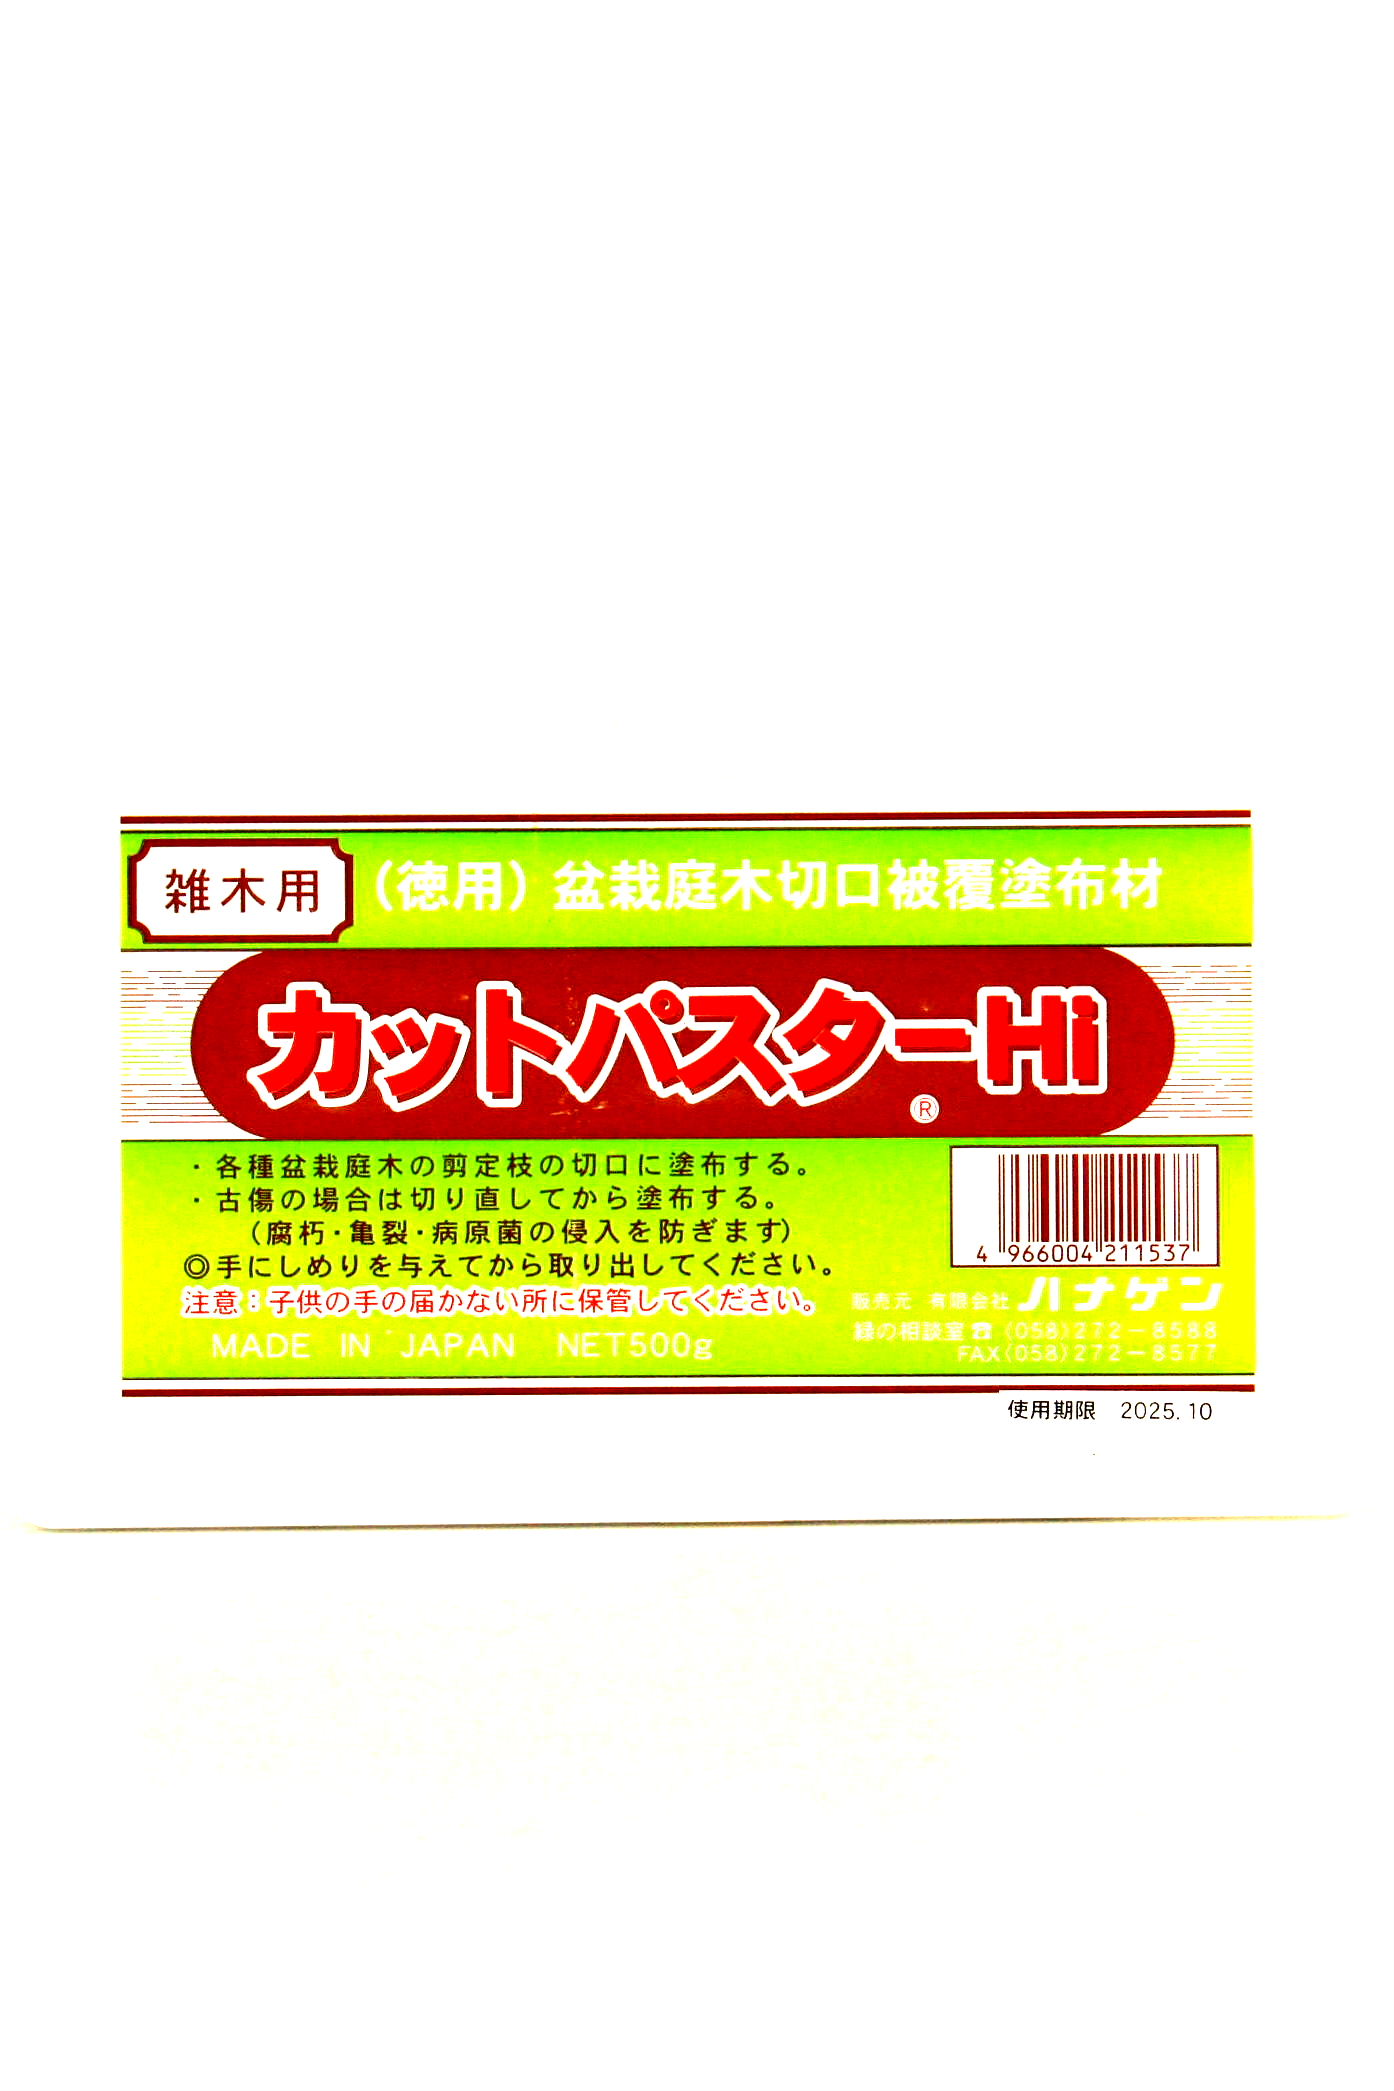 JETZT MEHR INHALT #4 Wundverschlusspaste für Bonsai Japan für Laubbäume 190 g